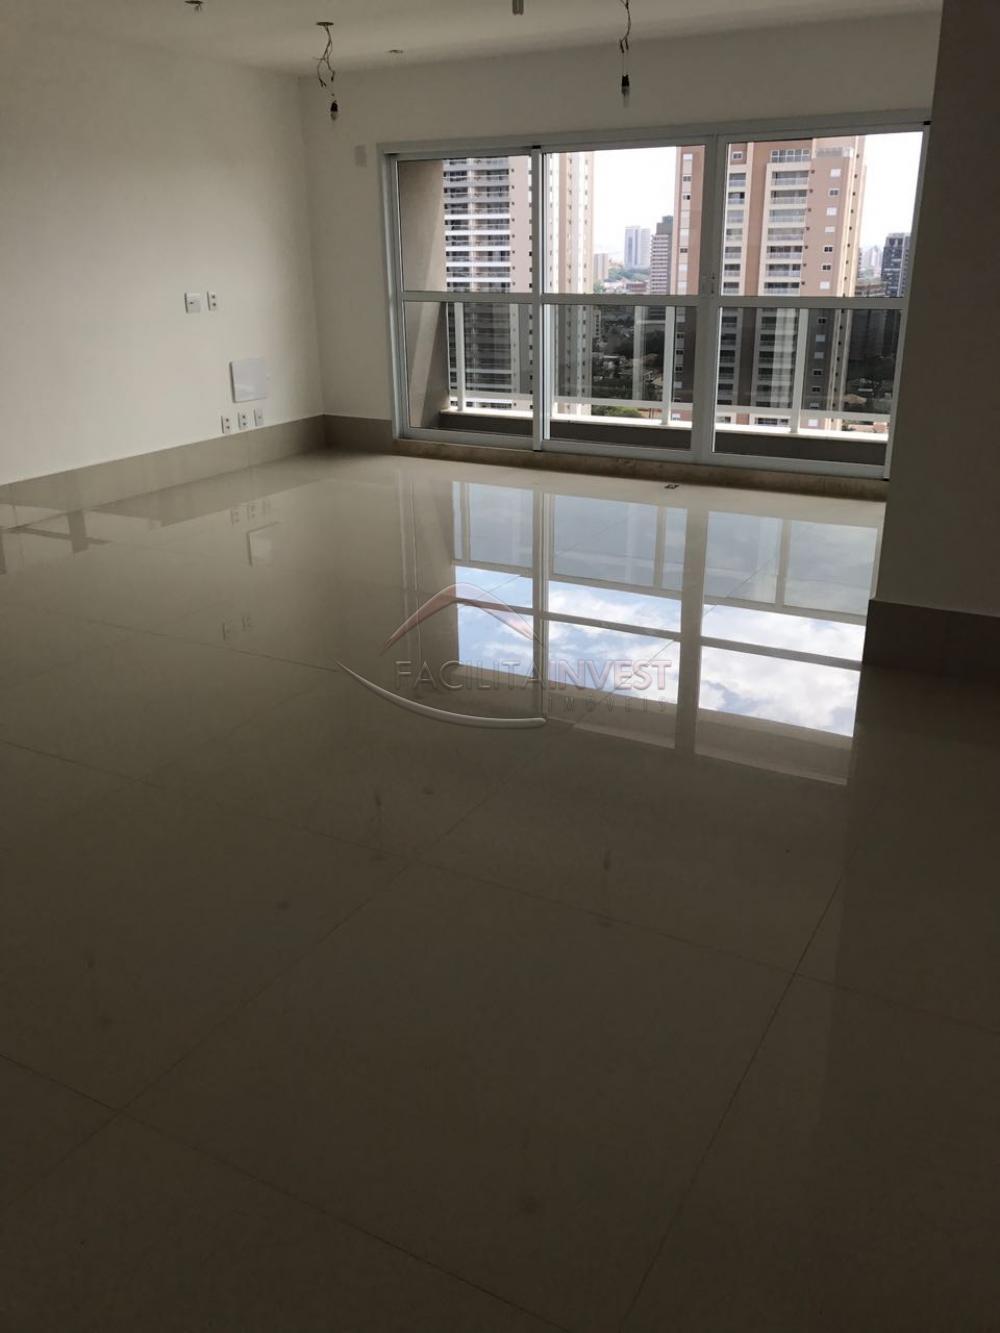 Comprar Apartamentos / Cobertura em Ribeirão Preto apenas R$ 2.500.000,00 - Foto 3